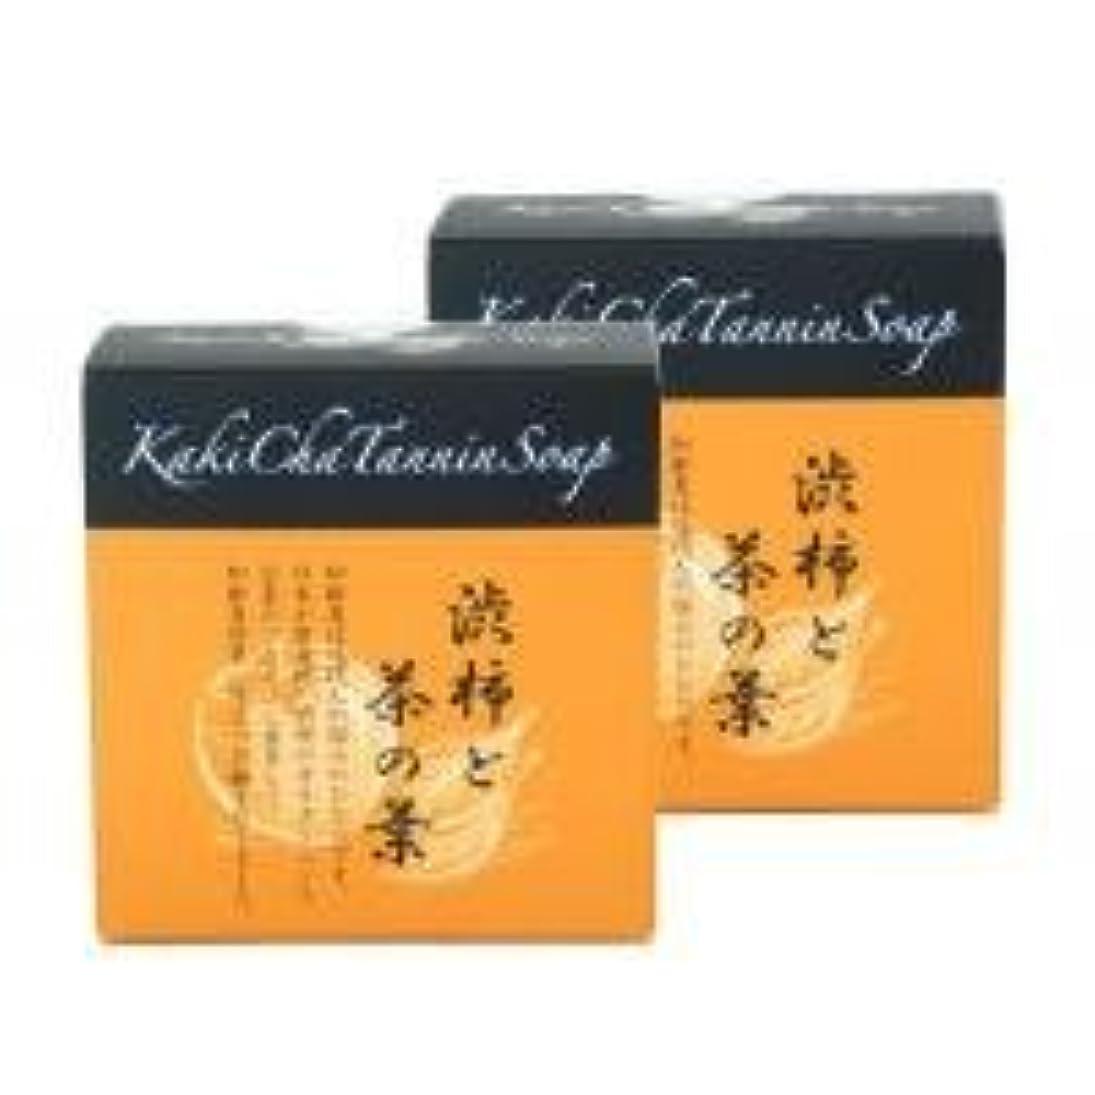 外交問題程度病気柿茶タンニンソープ(100g)×2個 K00024W